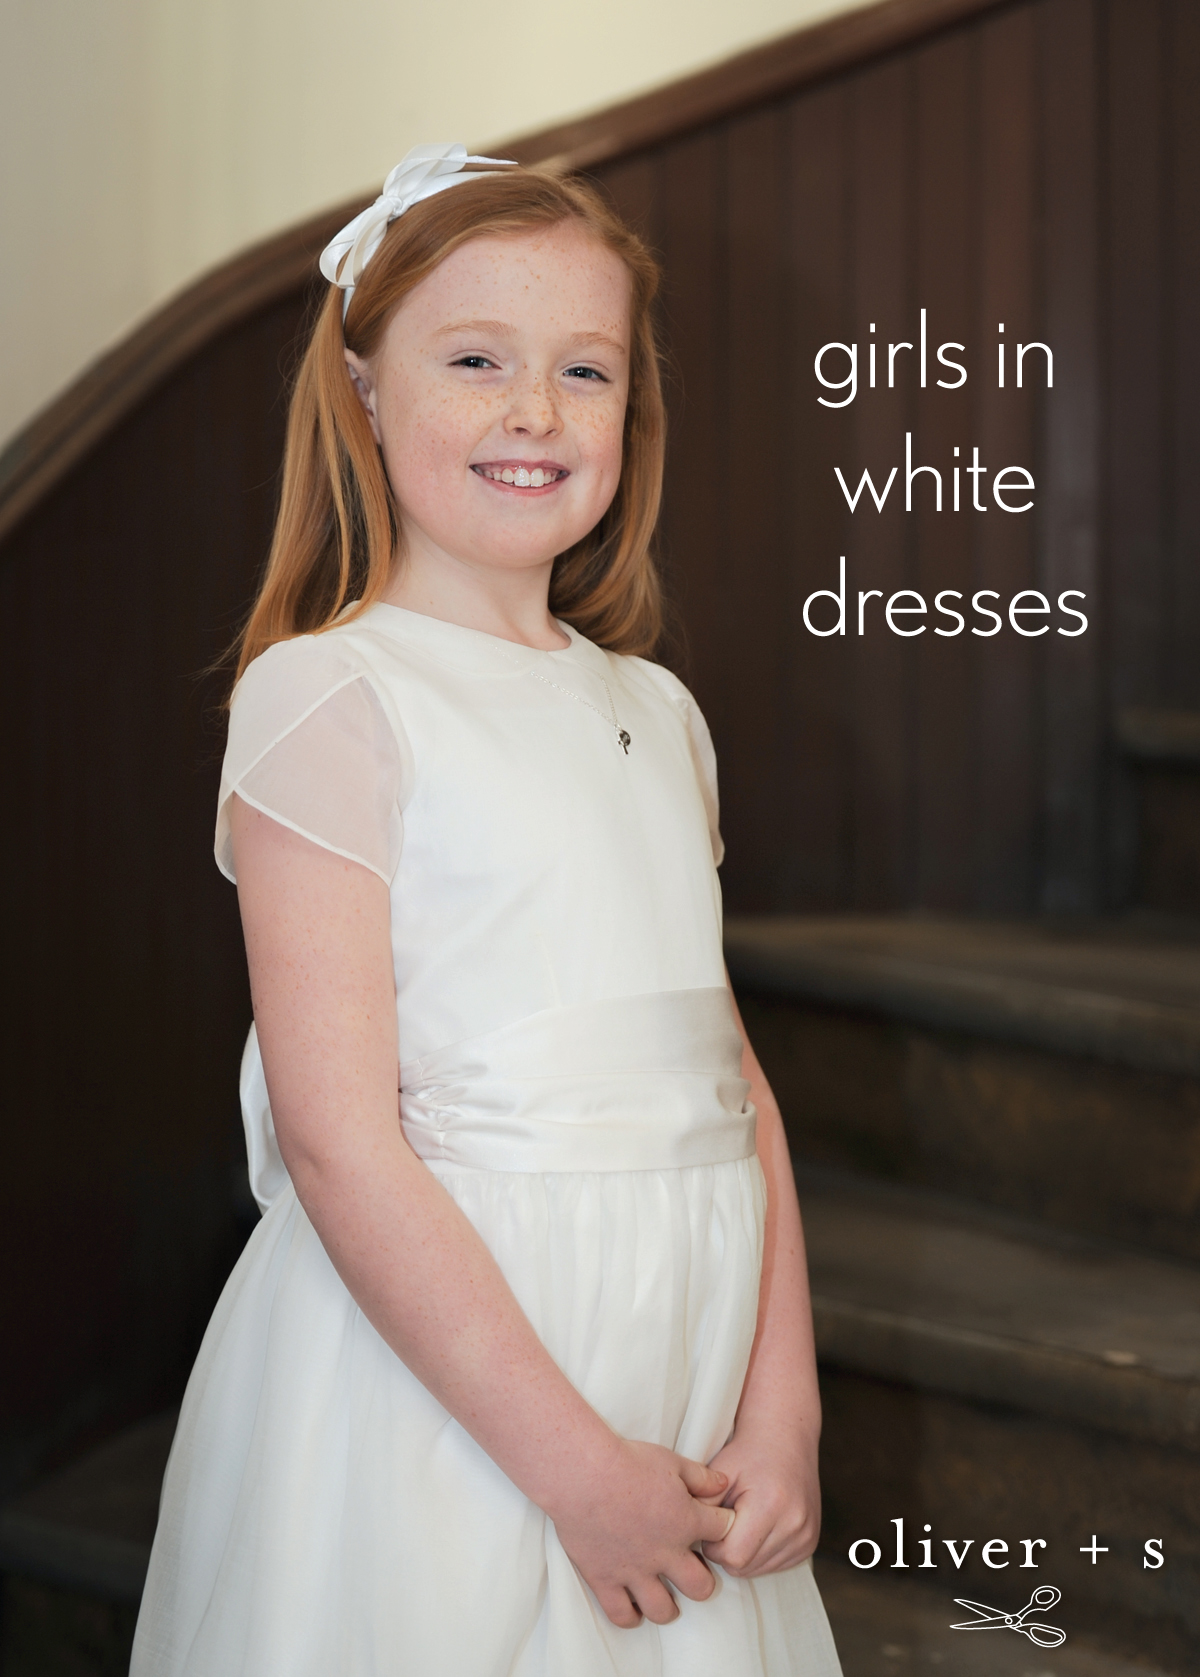 girls in white dresses blog oliver s